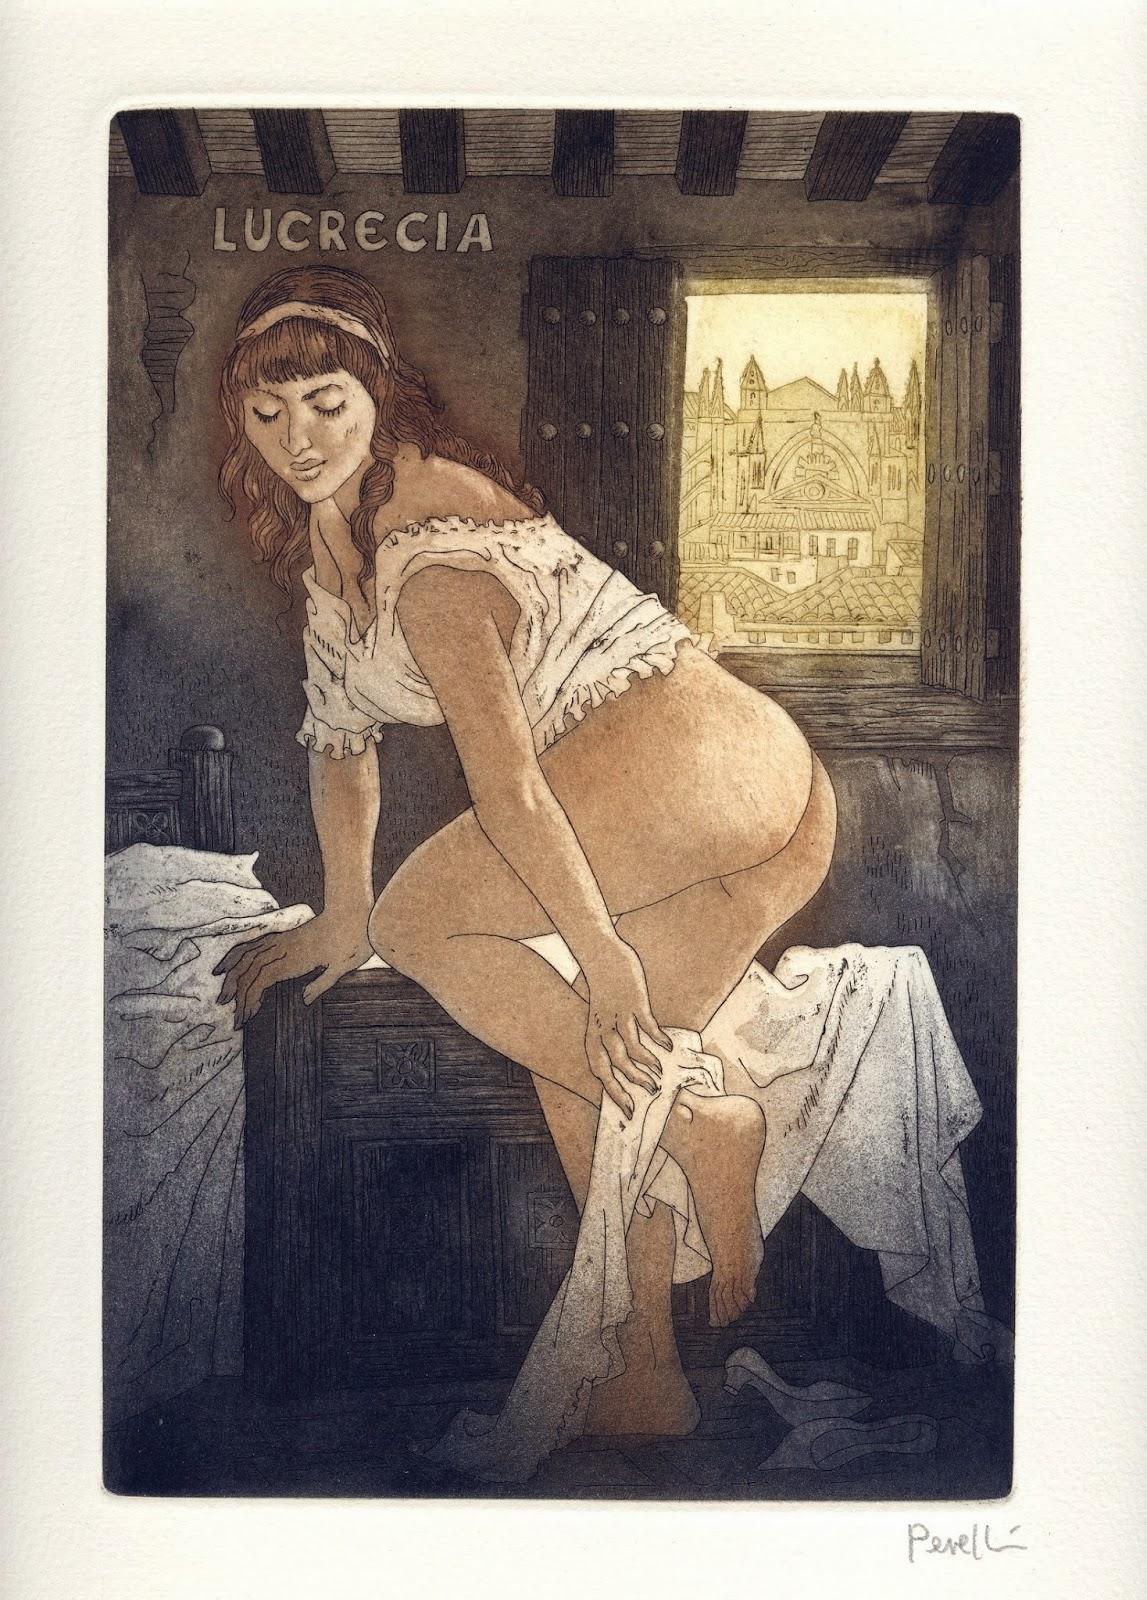 prostitutas conocidas la celestina prostitutas